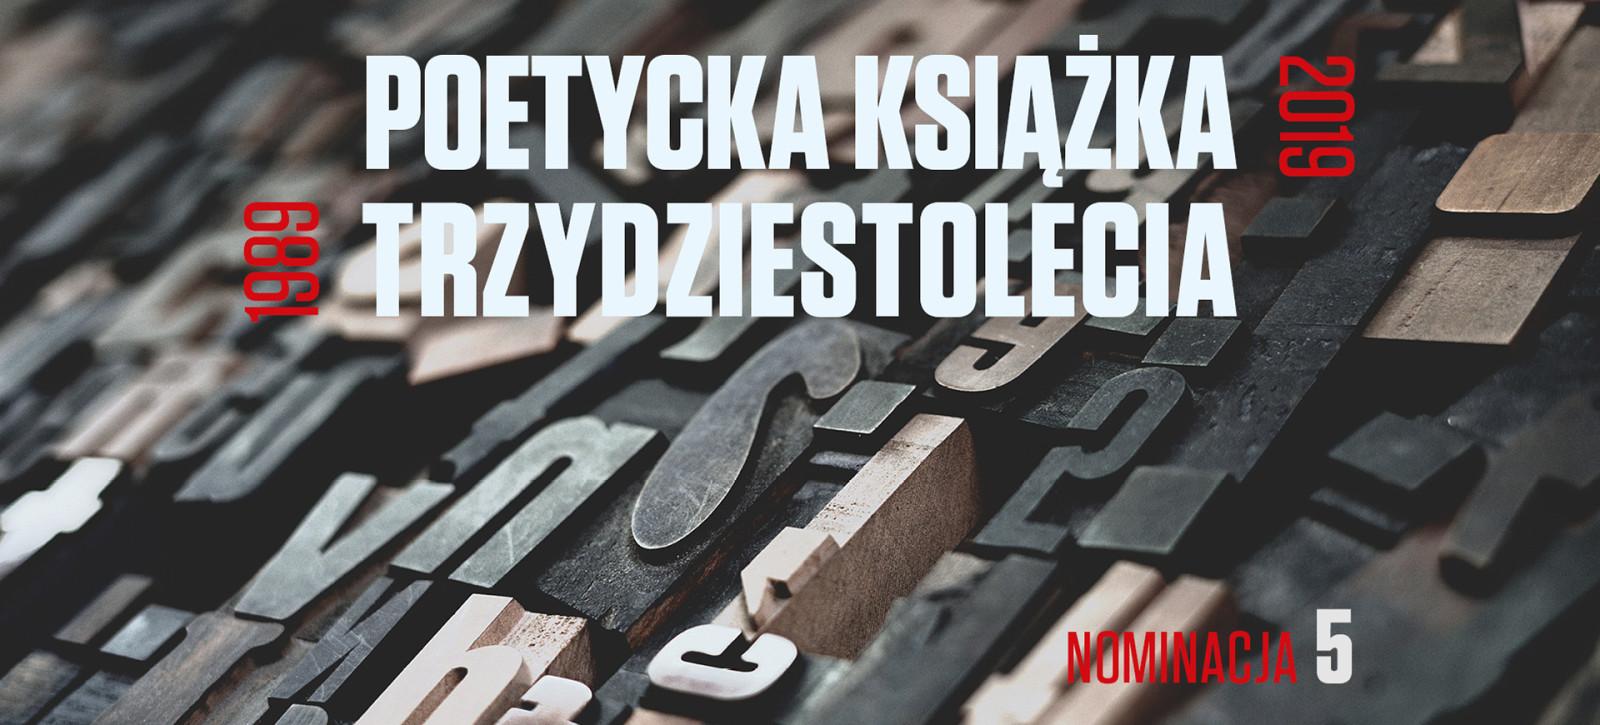 16_DEBATY__Rafał GAWIN__Poetycka książka trzydziestolecia